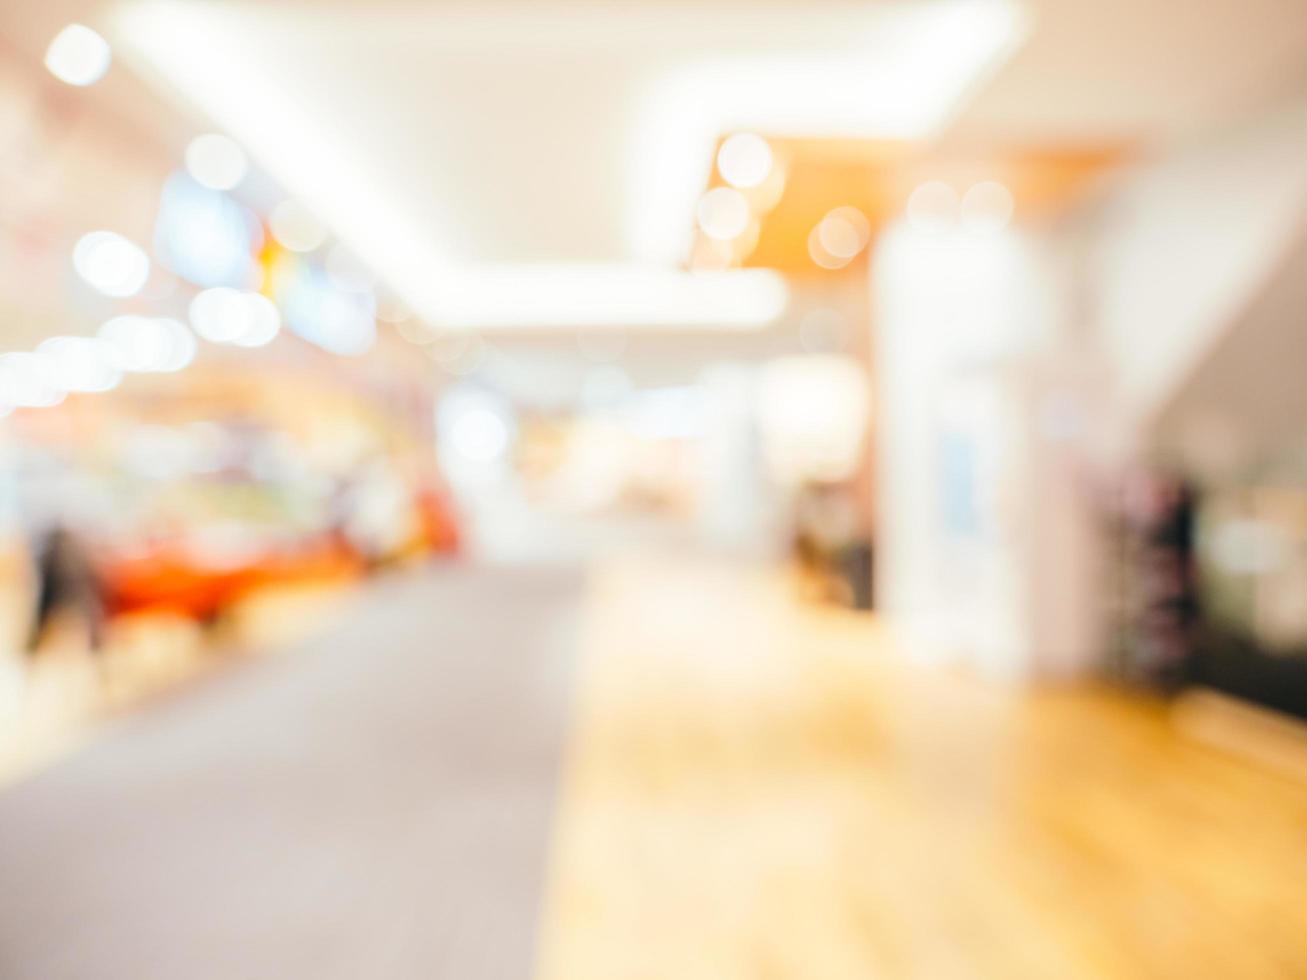 abstrakte Unschärfe und defokussierter Einkaufszentrumhintergrund foto